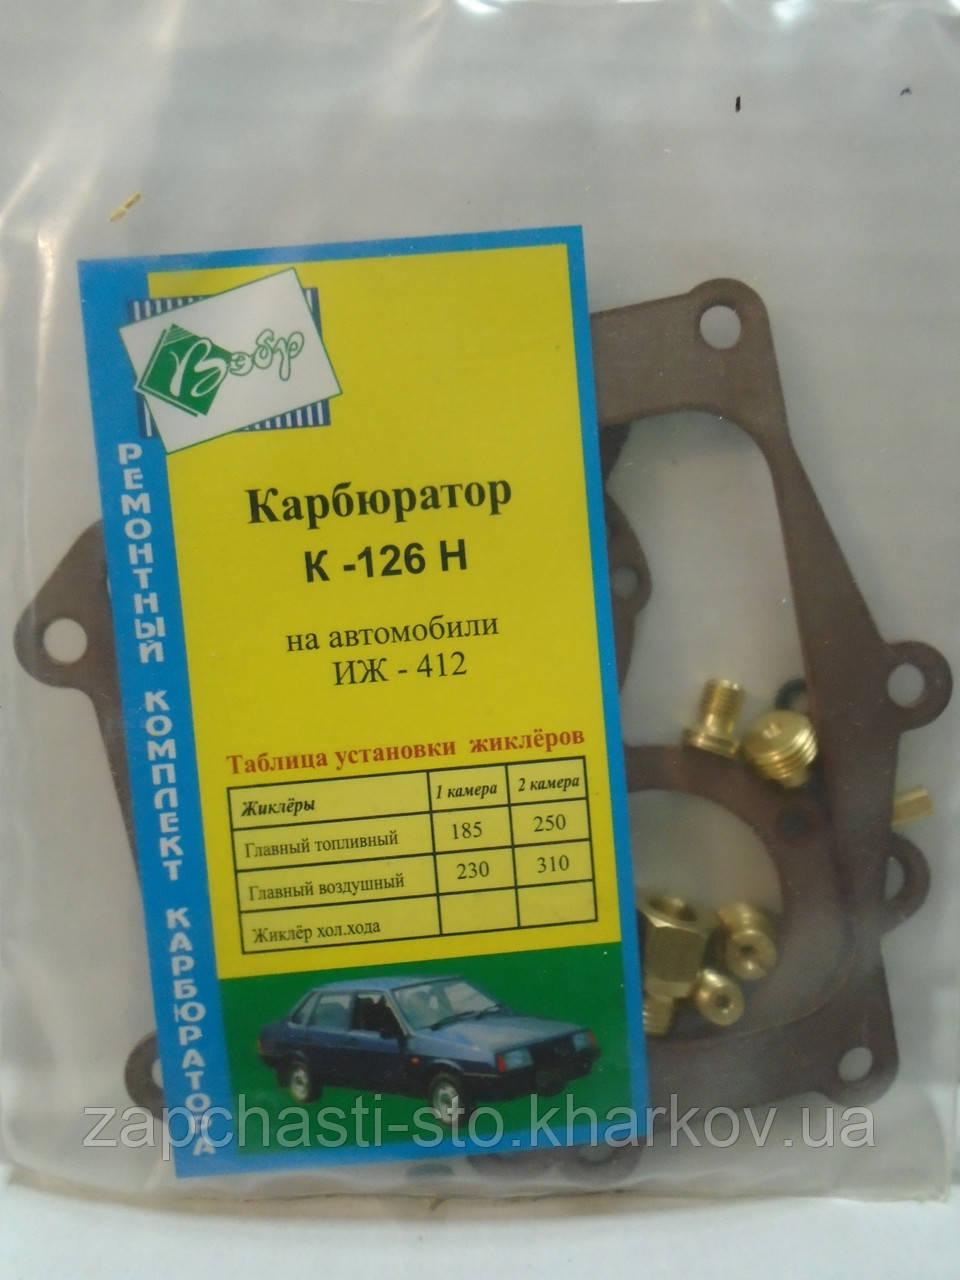 Ремкомплект карбюратора Москвич К-126Н Вэбр